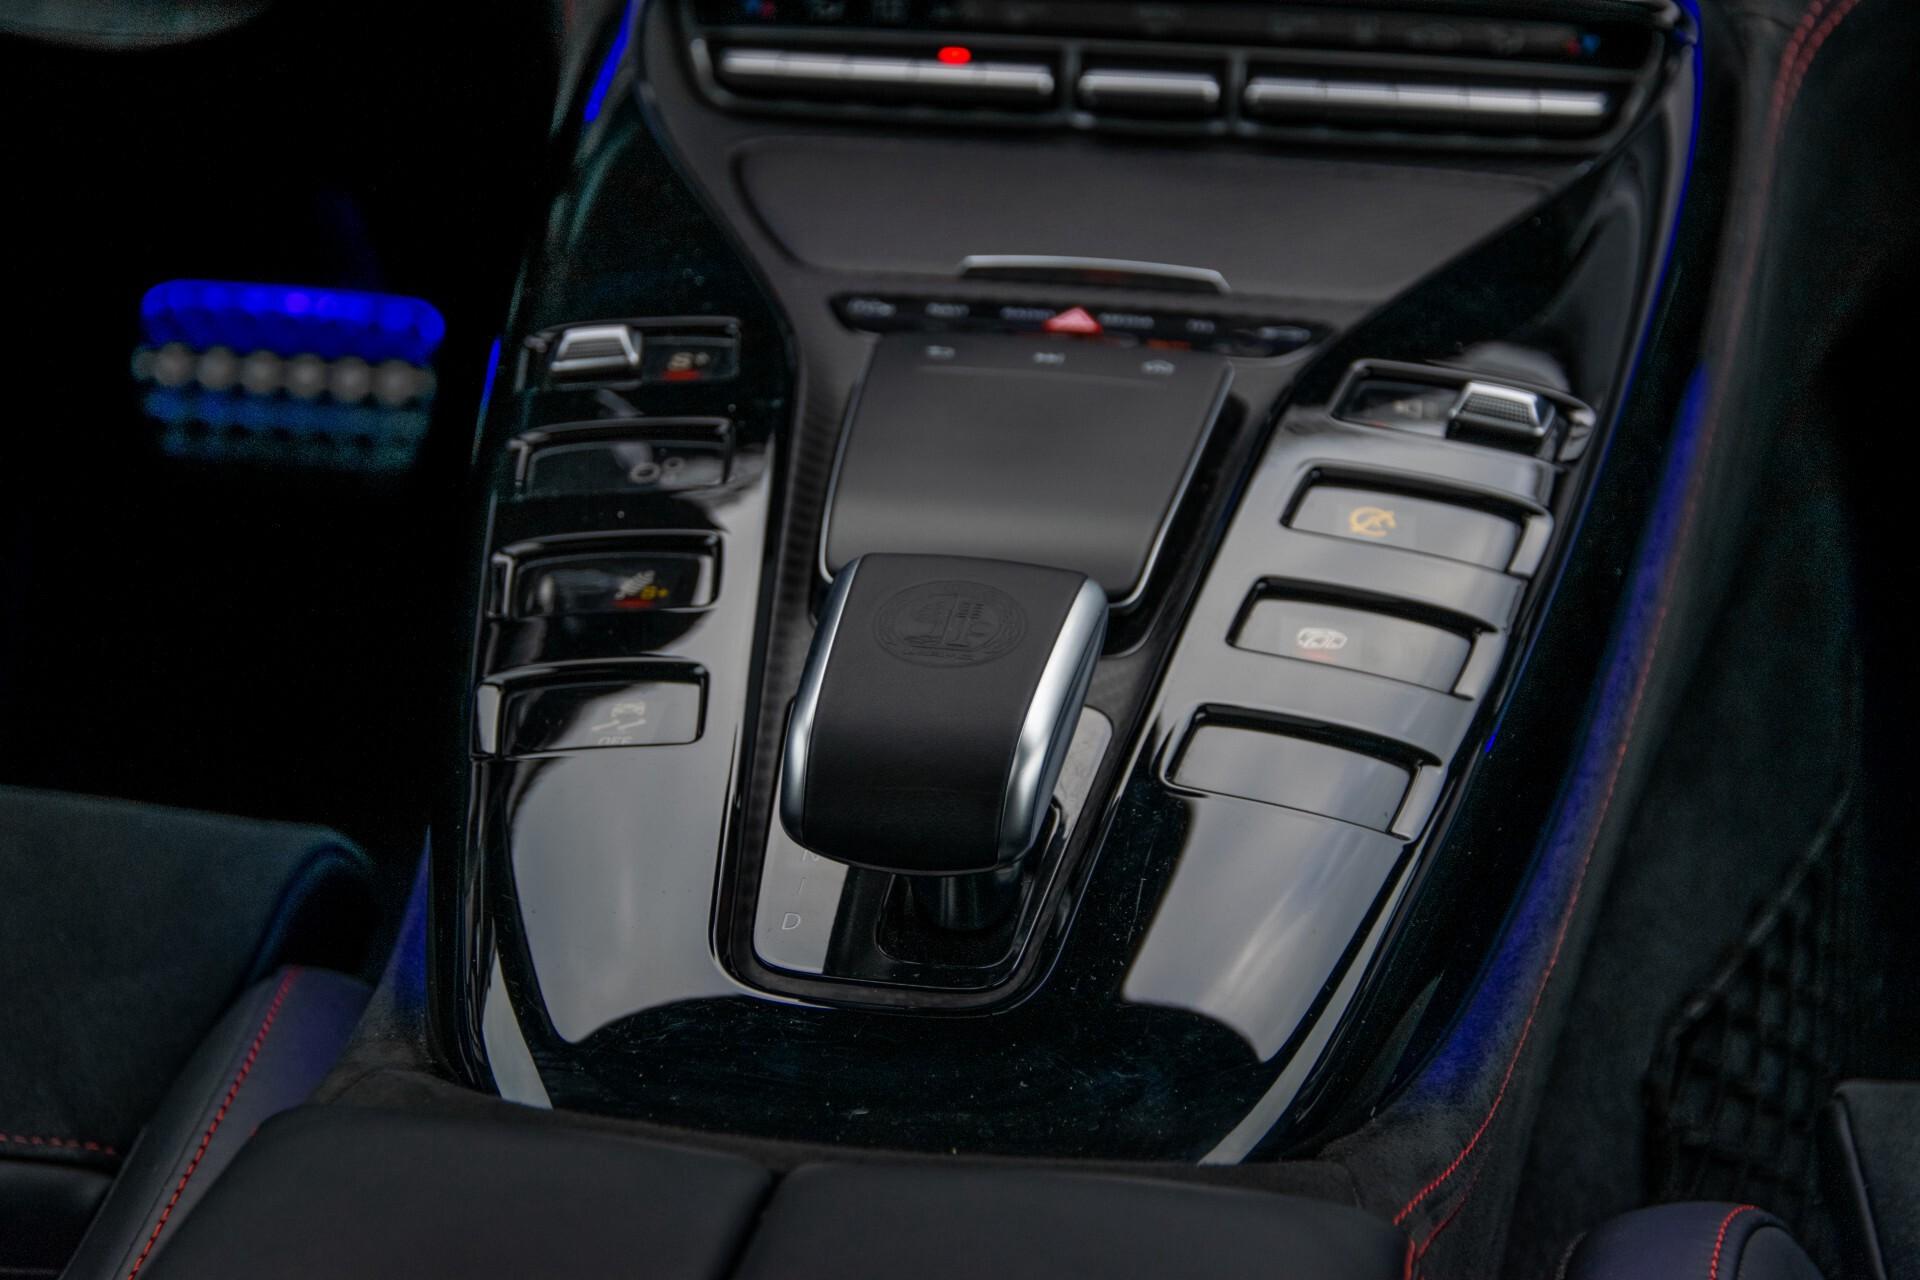 Mercedes-Benz AMG GT 4-Door Coupe 63 S 4M+ Keramisch/Full Carbon/Aerodynamica/Burmester 3D/TV/Performance stoelen/Standkachel Aut9 Foto 63